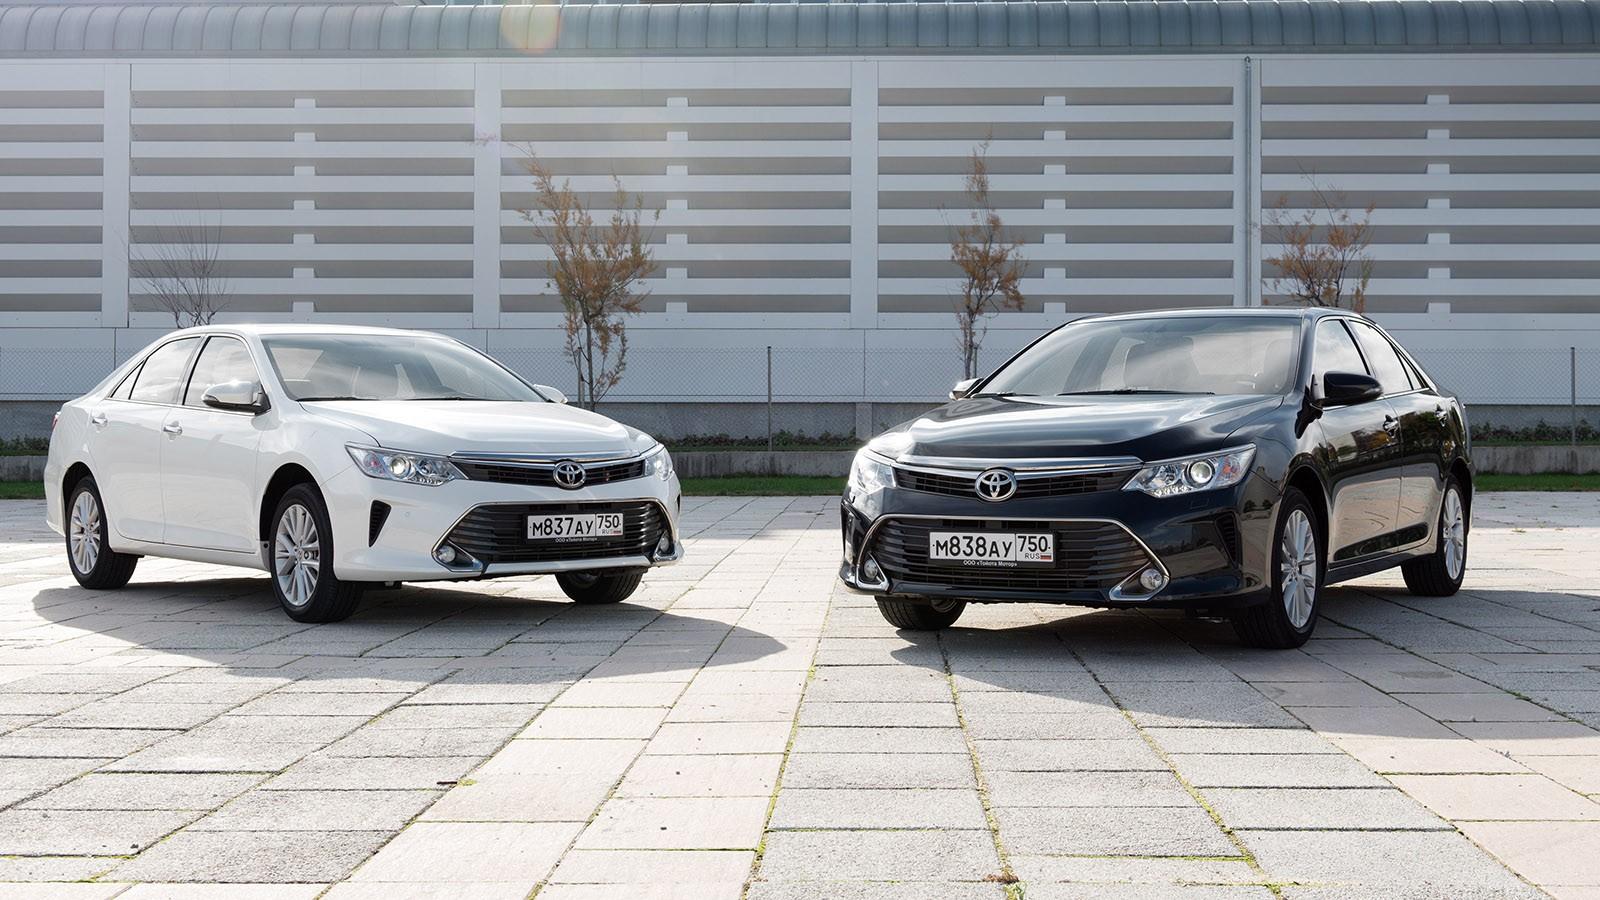 На фото: бестселлер японской марки Toyota Camry